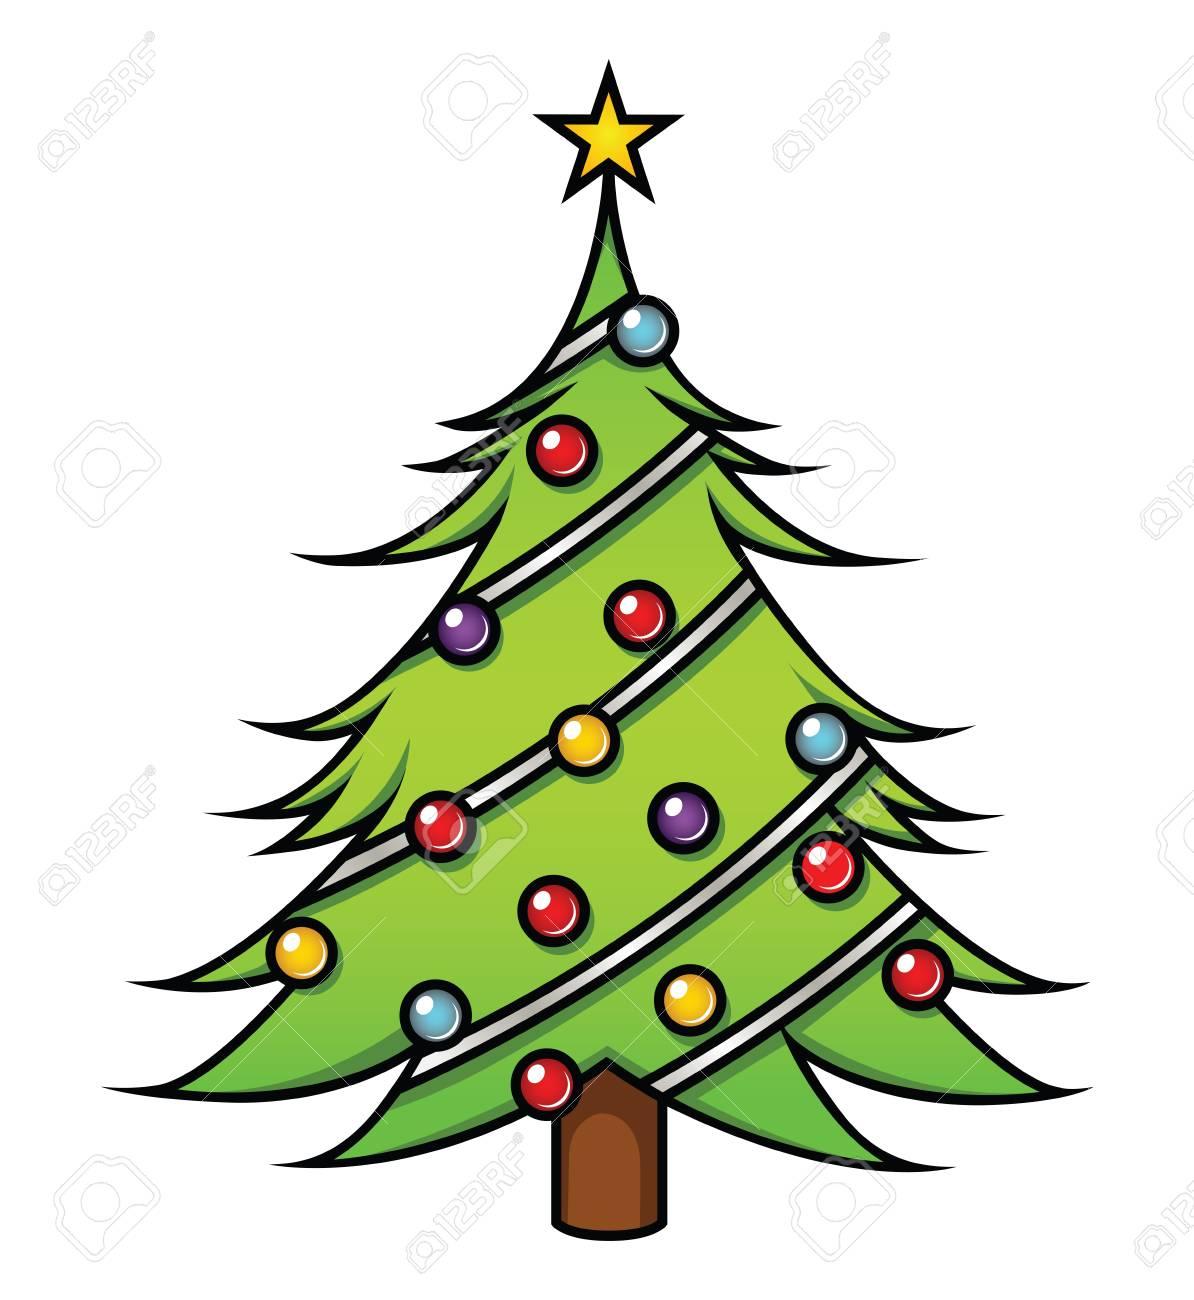 A Cute Cartoon Christmas Tree On White